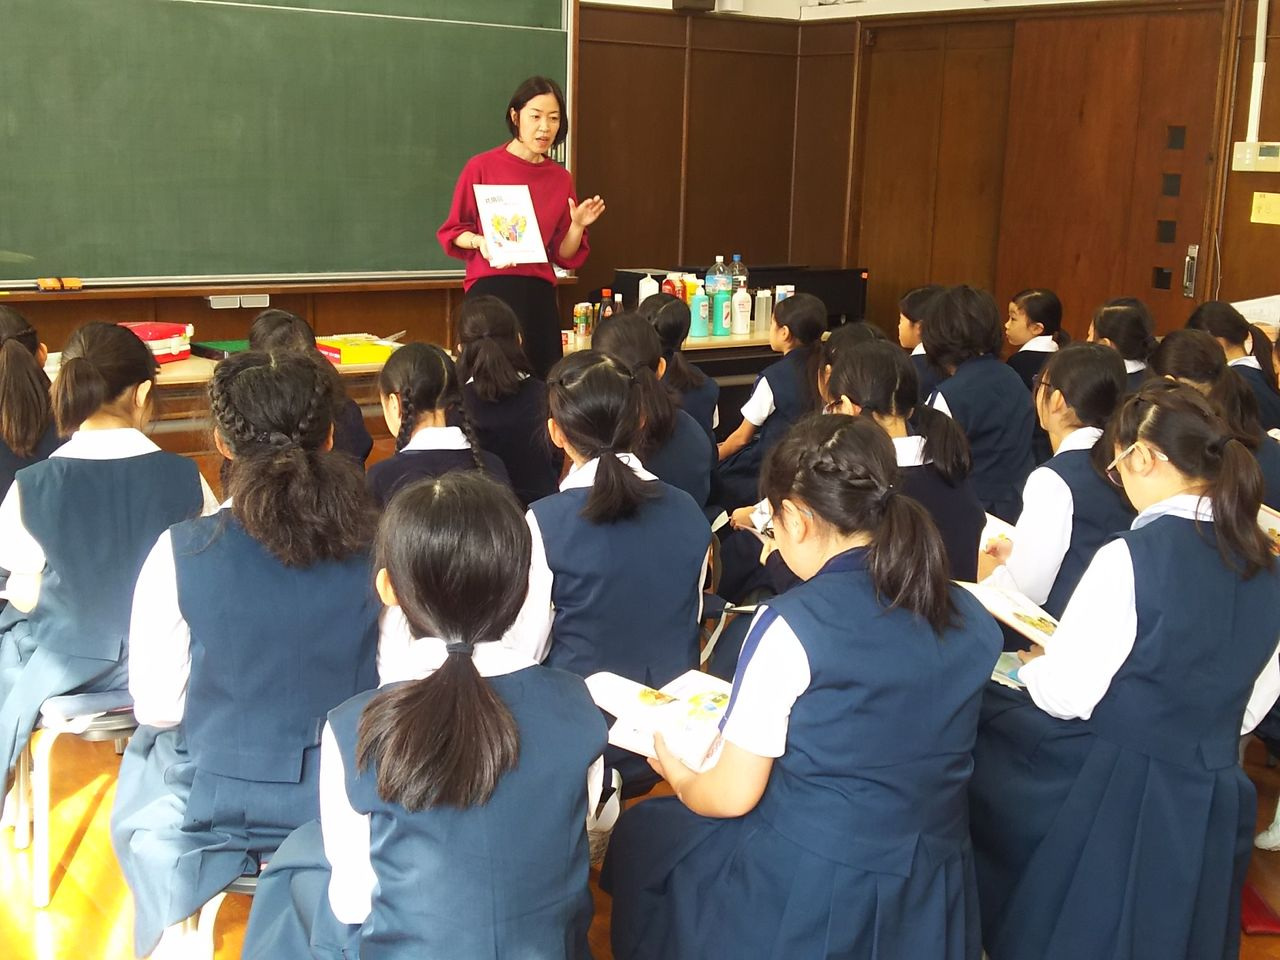 聖心女子学院 初等科で授業 | 共用品ニュース